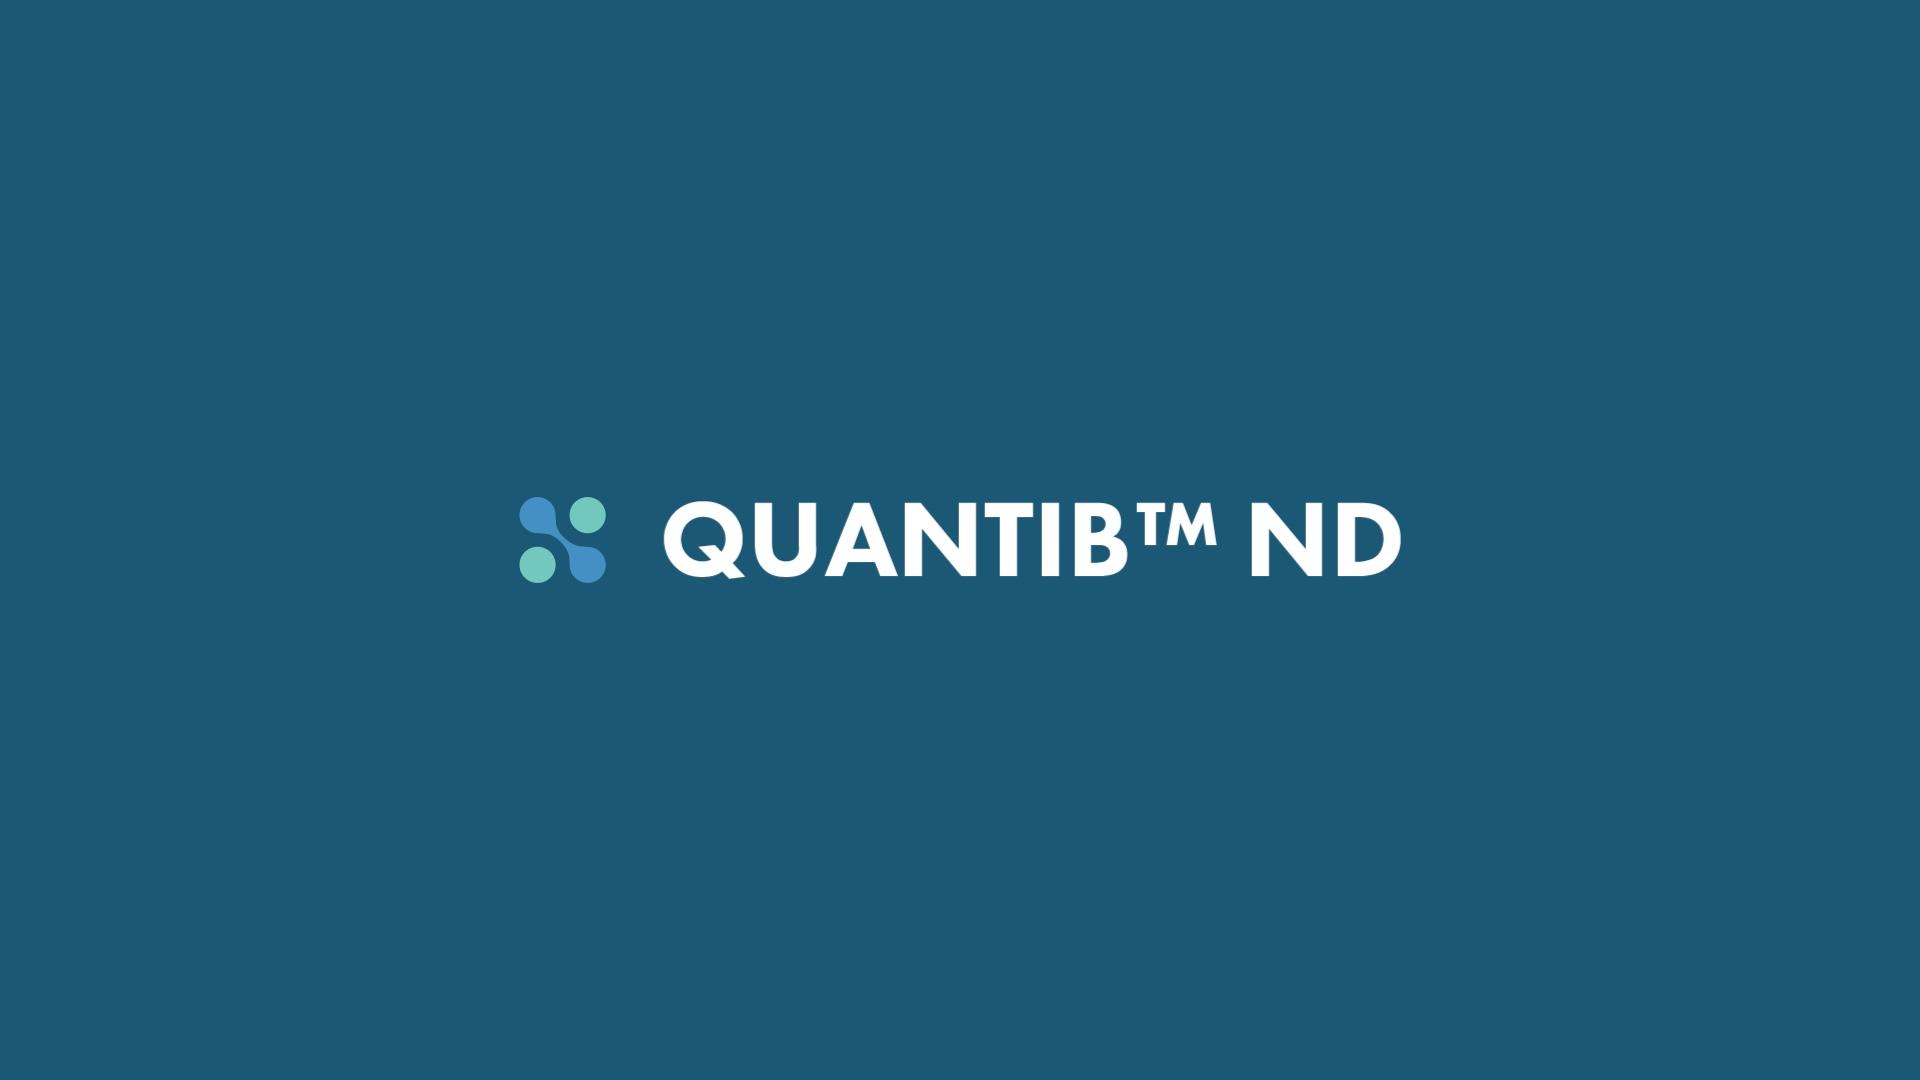 Quantib_final-1